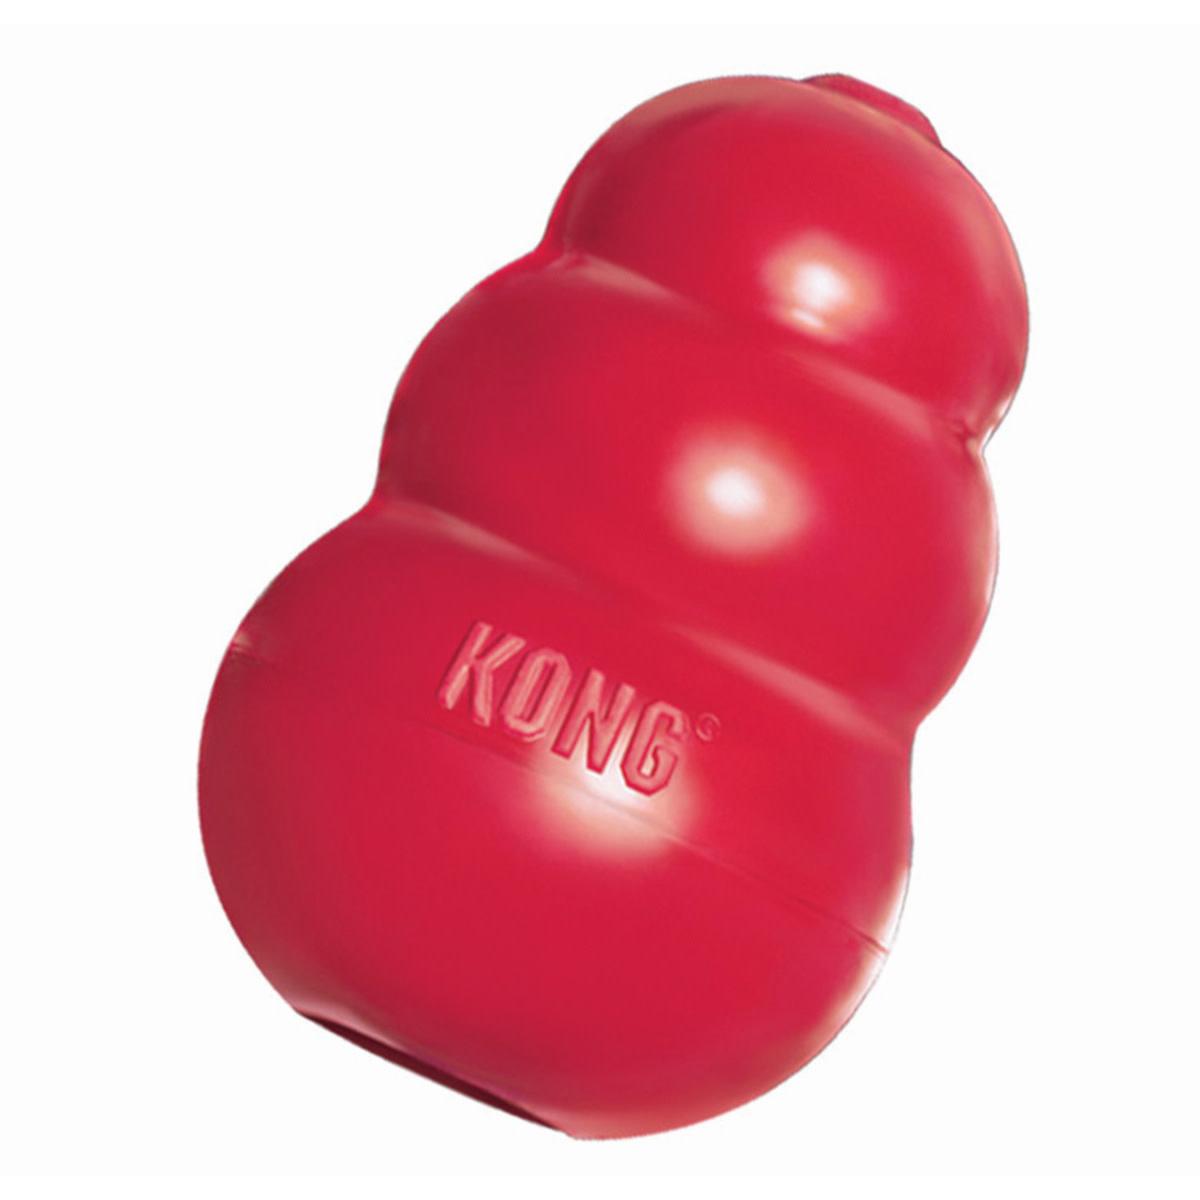 KONG KONG- CLASSIC ROOD